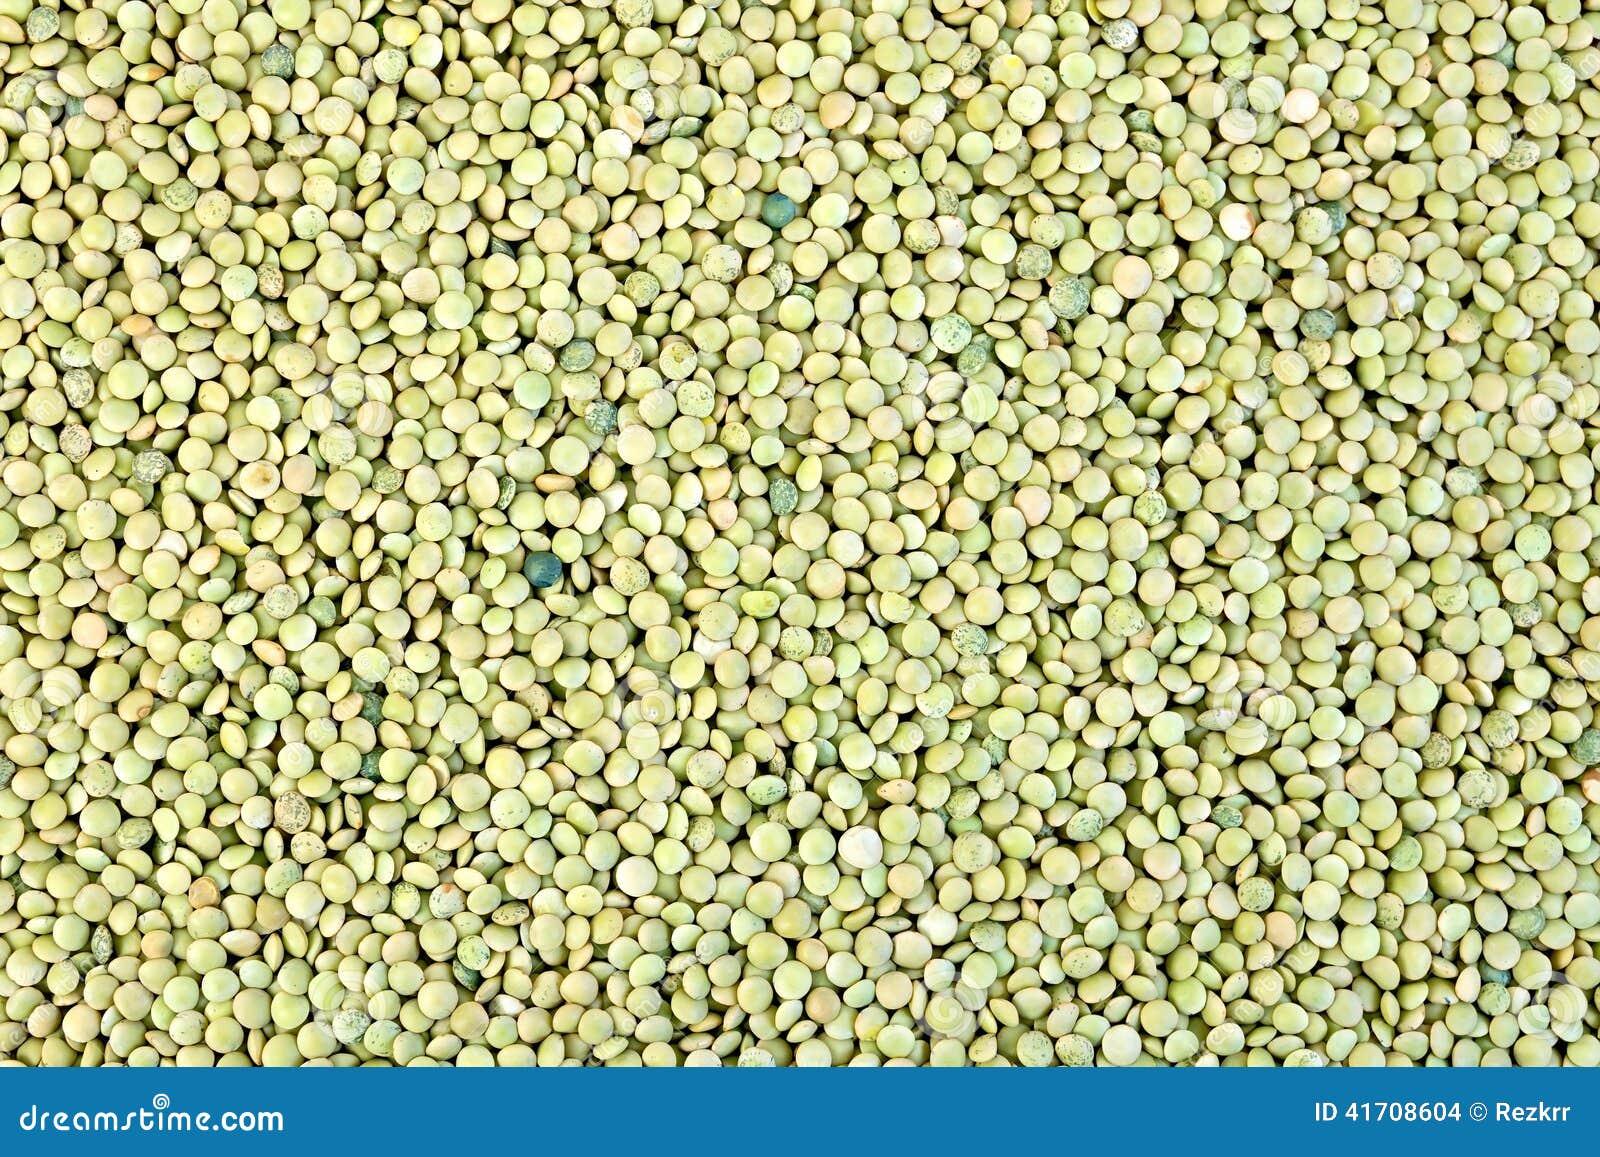 Soczewicy zielenieją teksturę